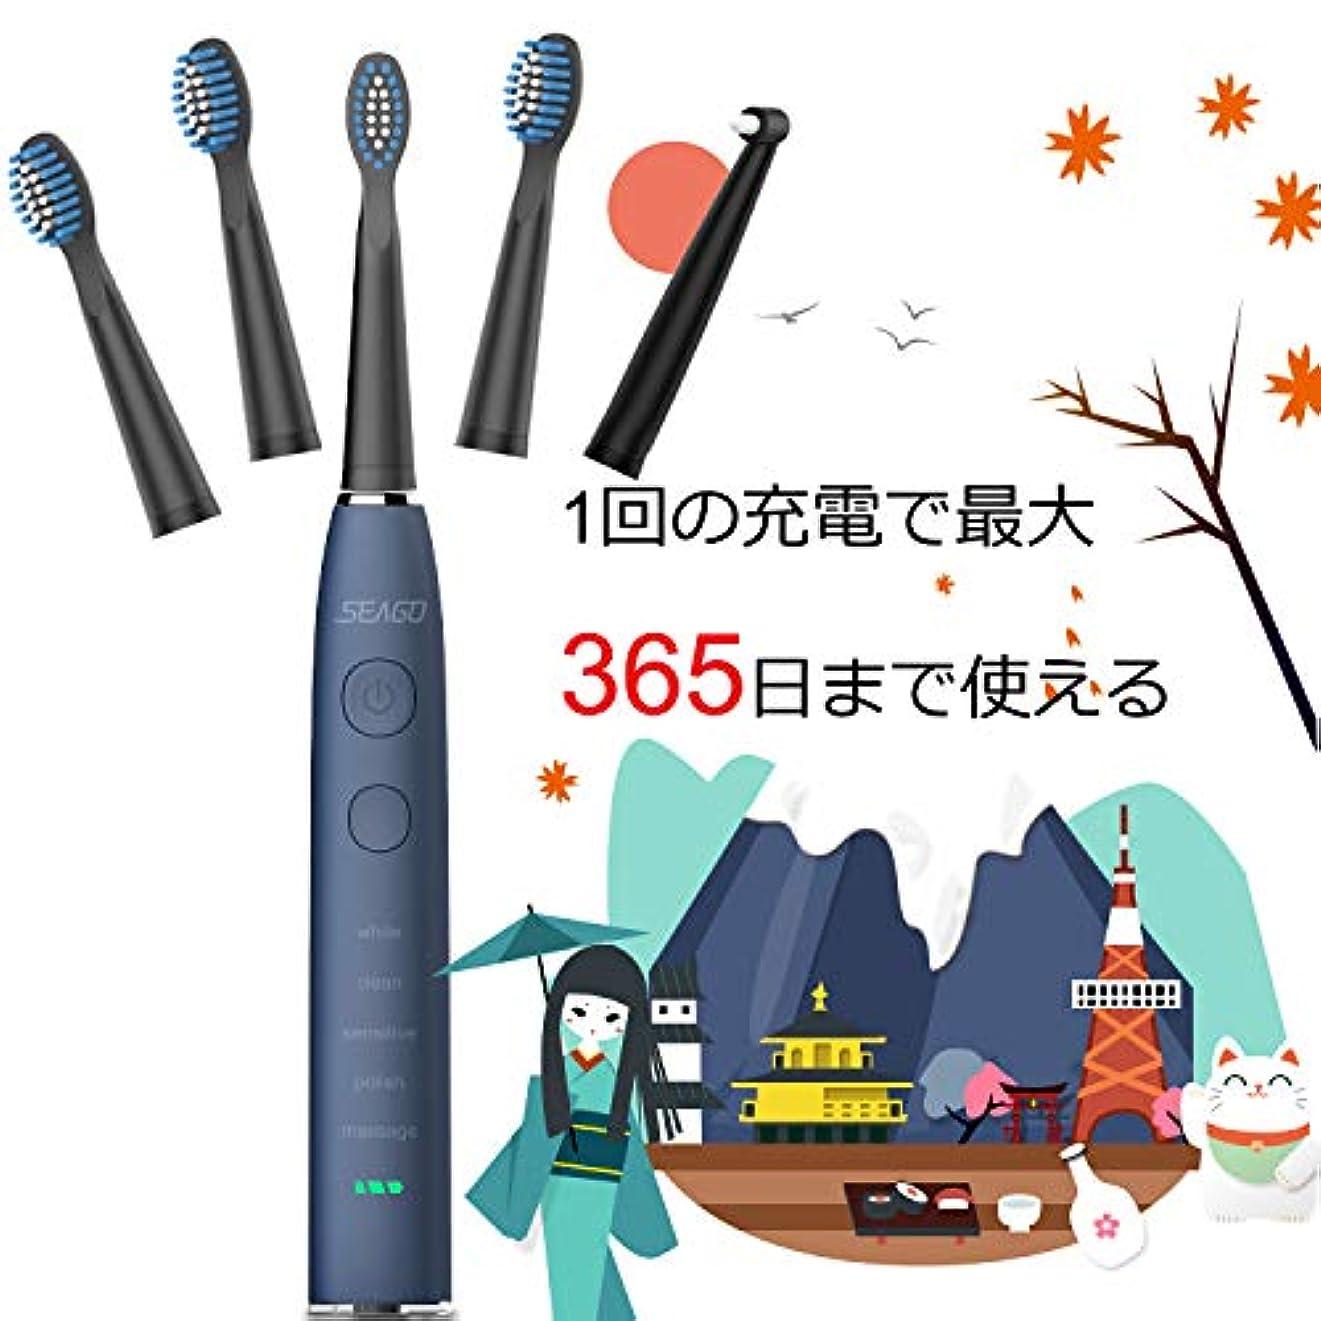 山後継アナリスト電動歯ブラシ 歯ブラシ seago 音波歯ブラシ USB充電式8時間 365日に使用 IPX7防水 五つモードと2分オートタイマー機能搭載 替えブラシ5本 12ヶ月メーカー保証 SG-575(ブルー)